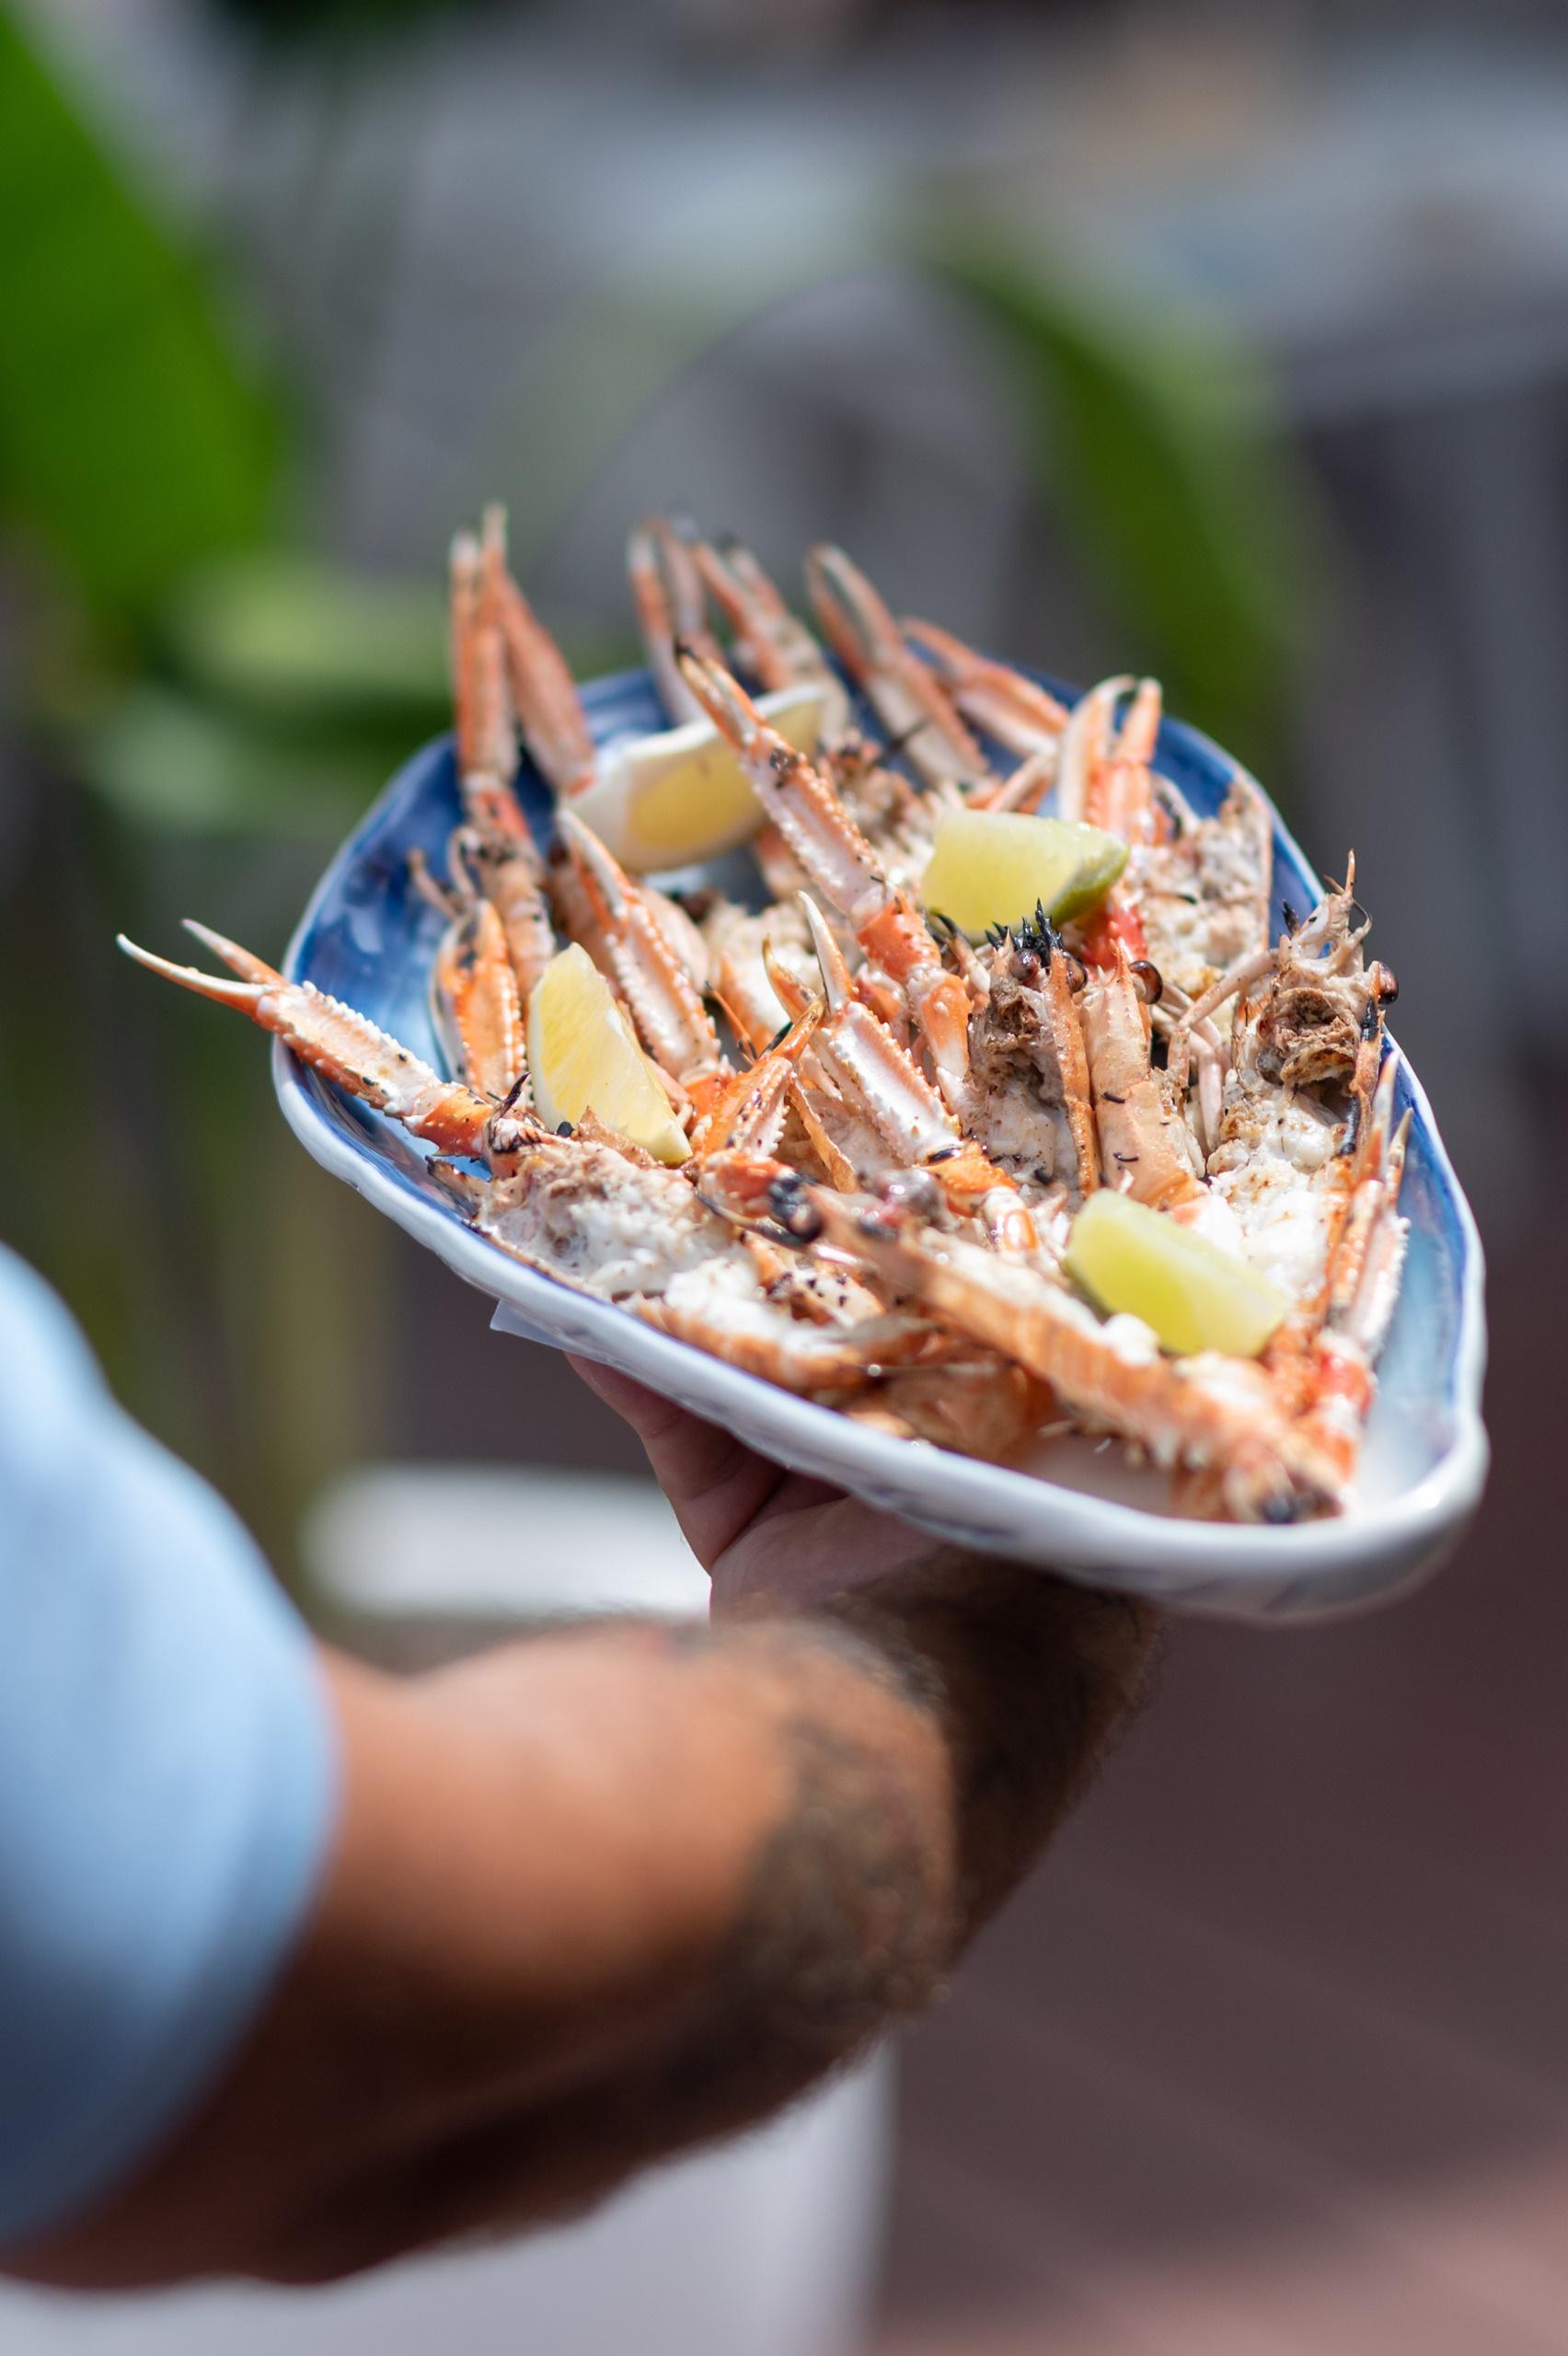 xerta mar restaurante pescaderia arroceria ampolla